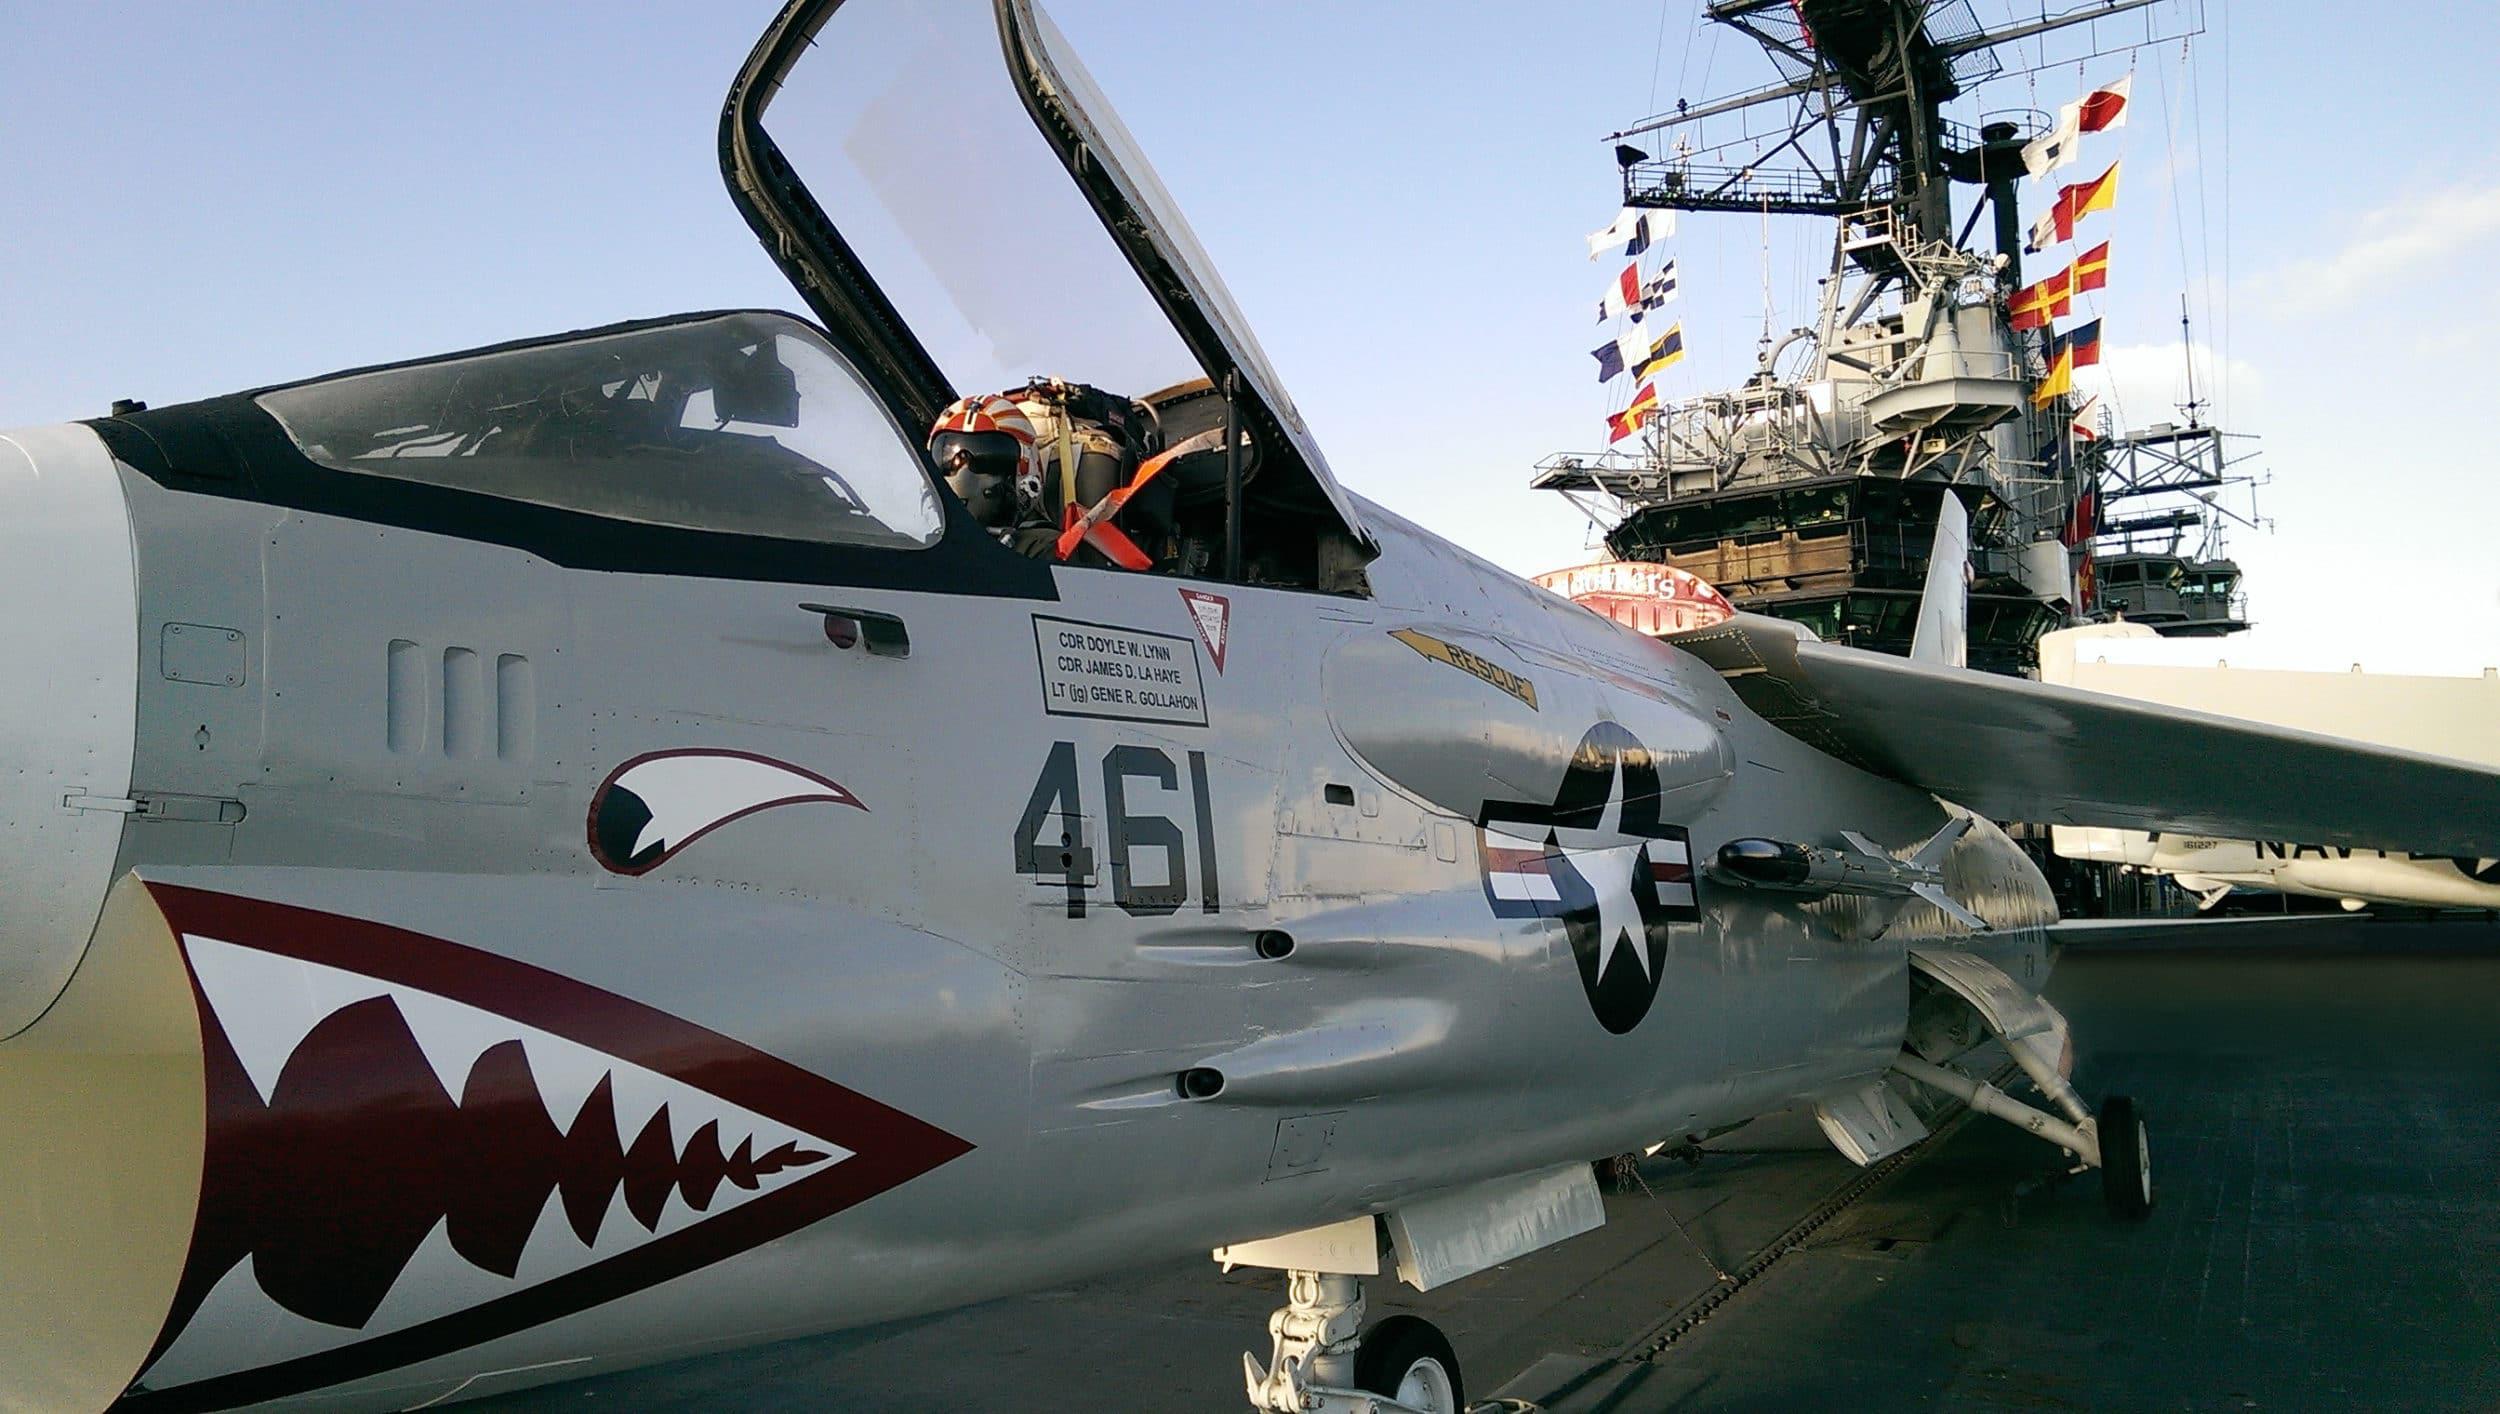 Un avion militaire avec un cockpit ouvert se trouve sur le pont du USS Midway Museum.